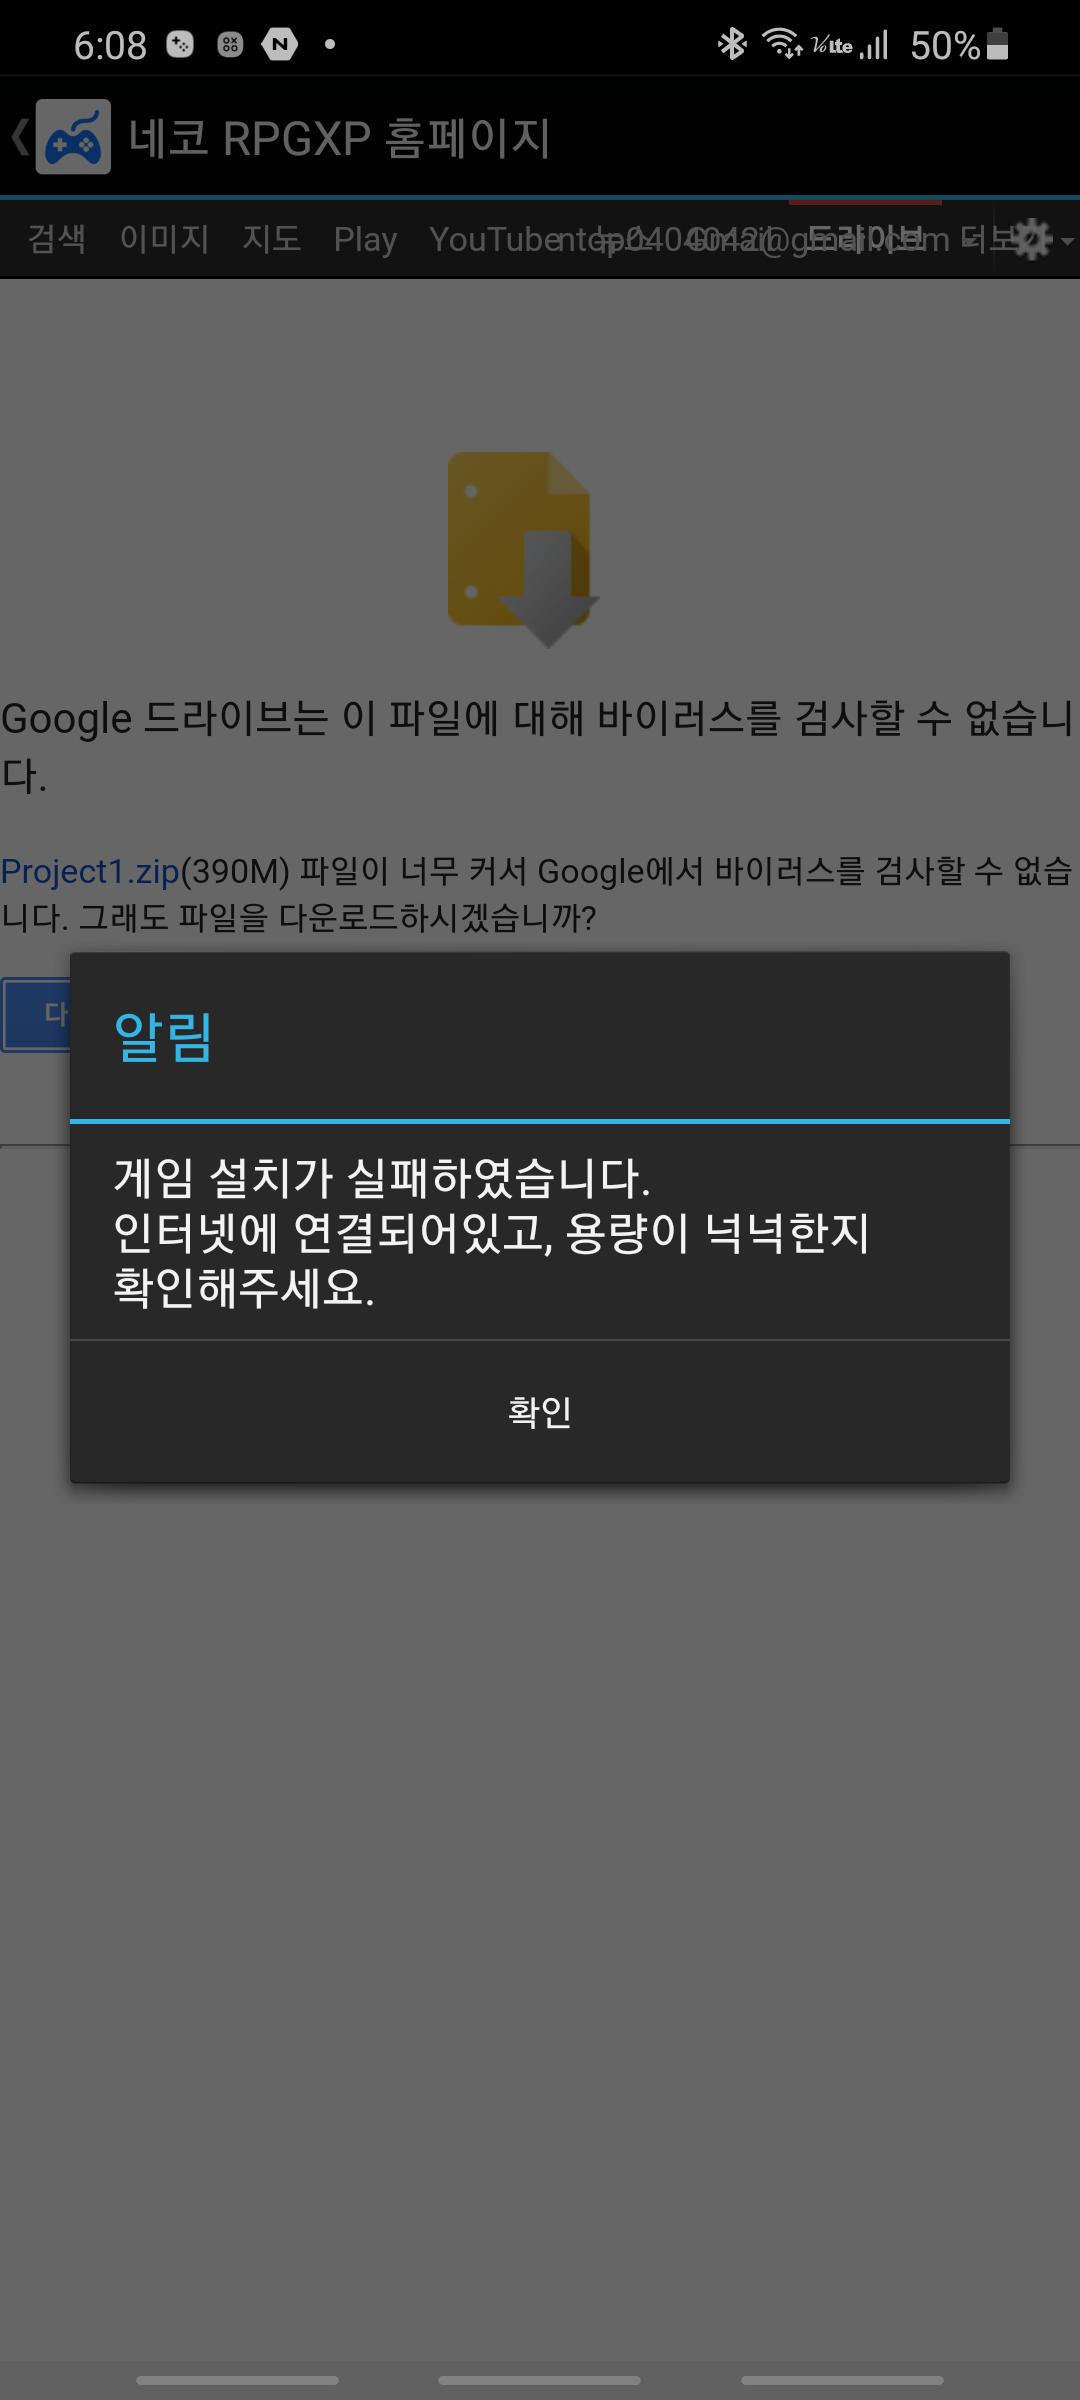 Screenshot_20200526-180801_Neko RPGXP.png